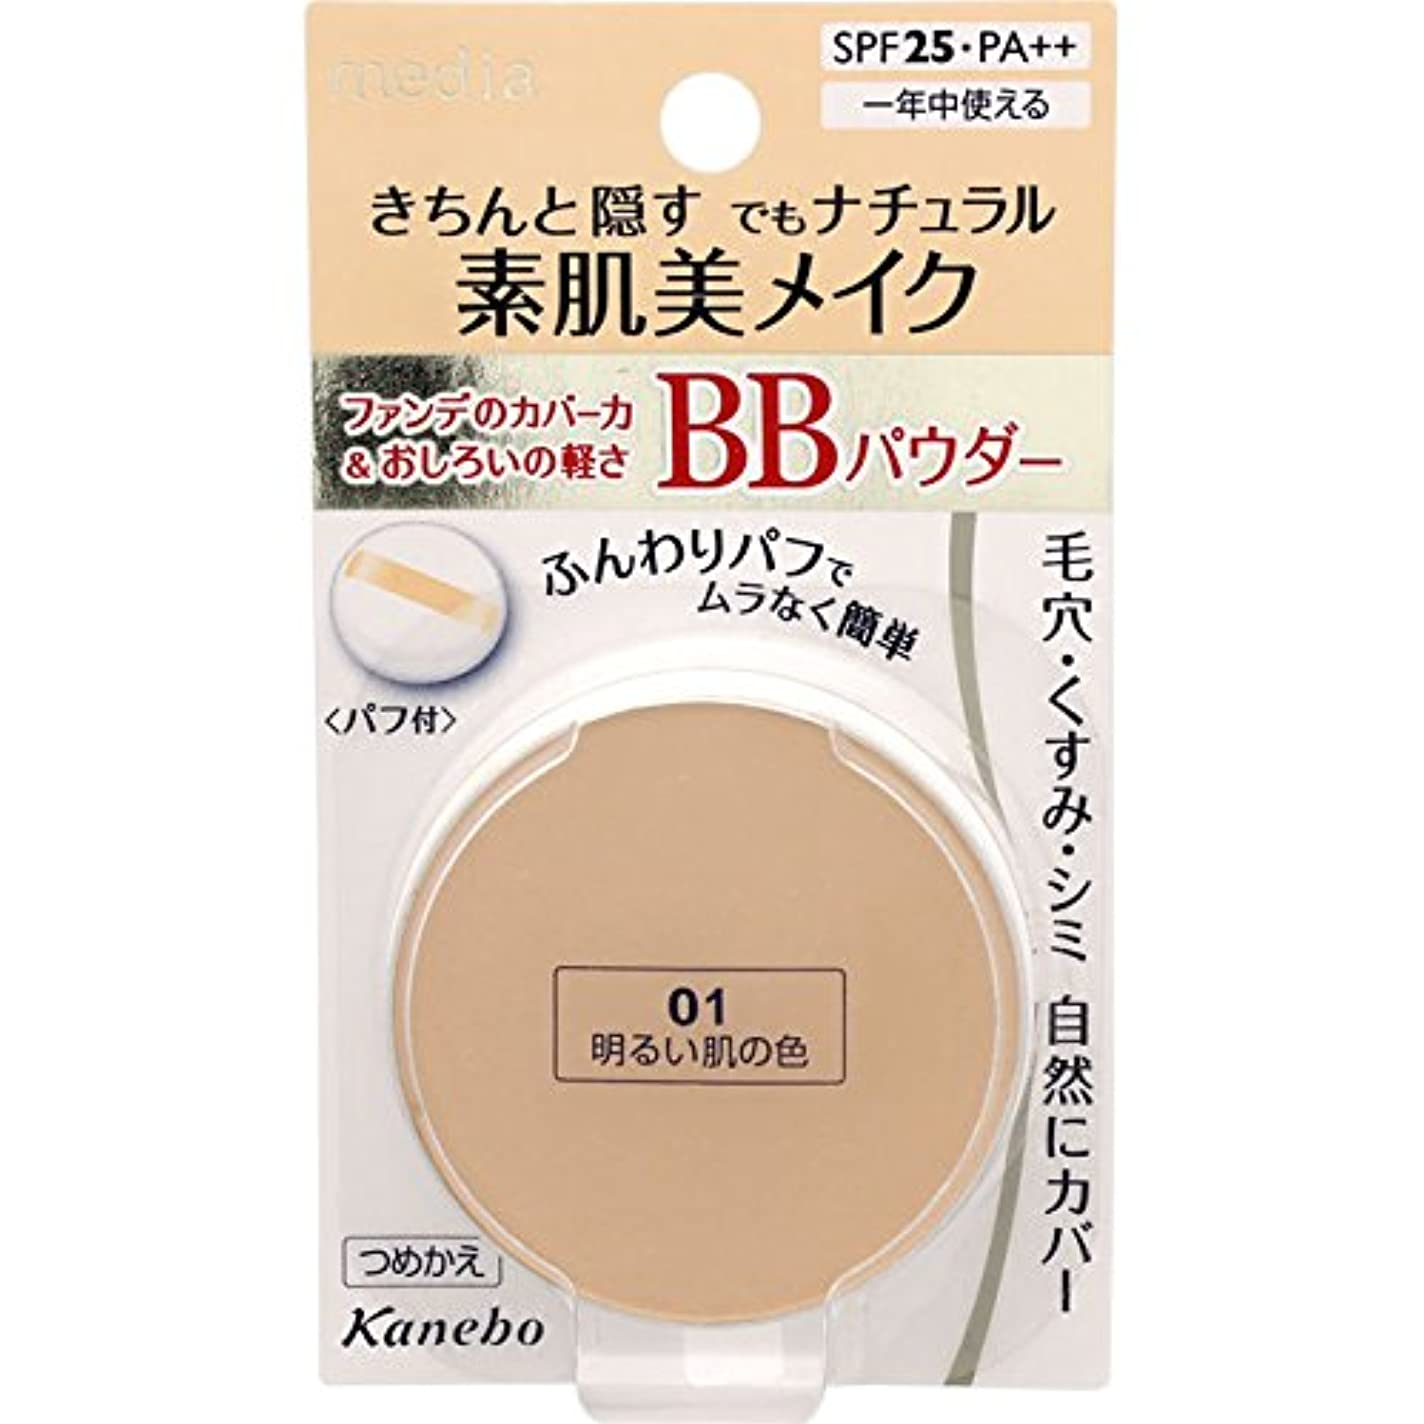 摂氏度倫理的広々としたメディアBBパウダー01(明るい肌の色)×3